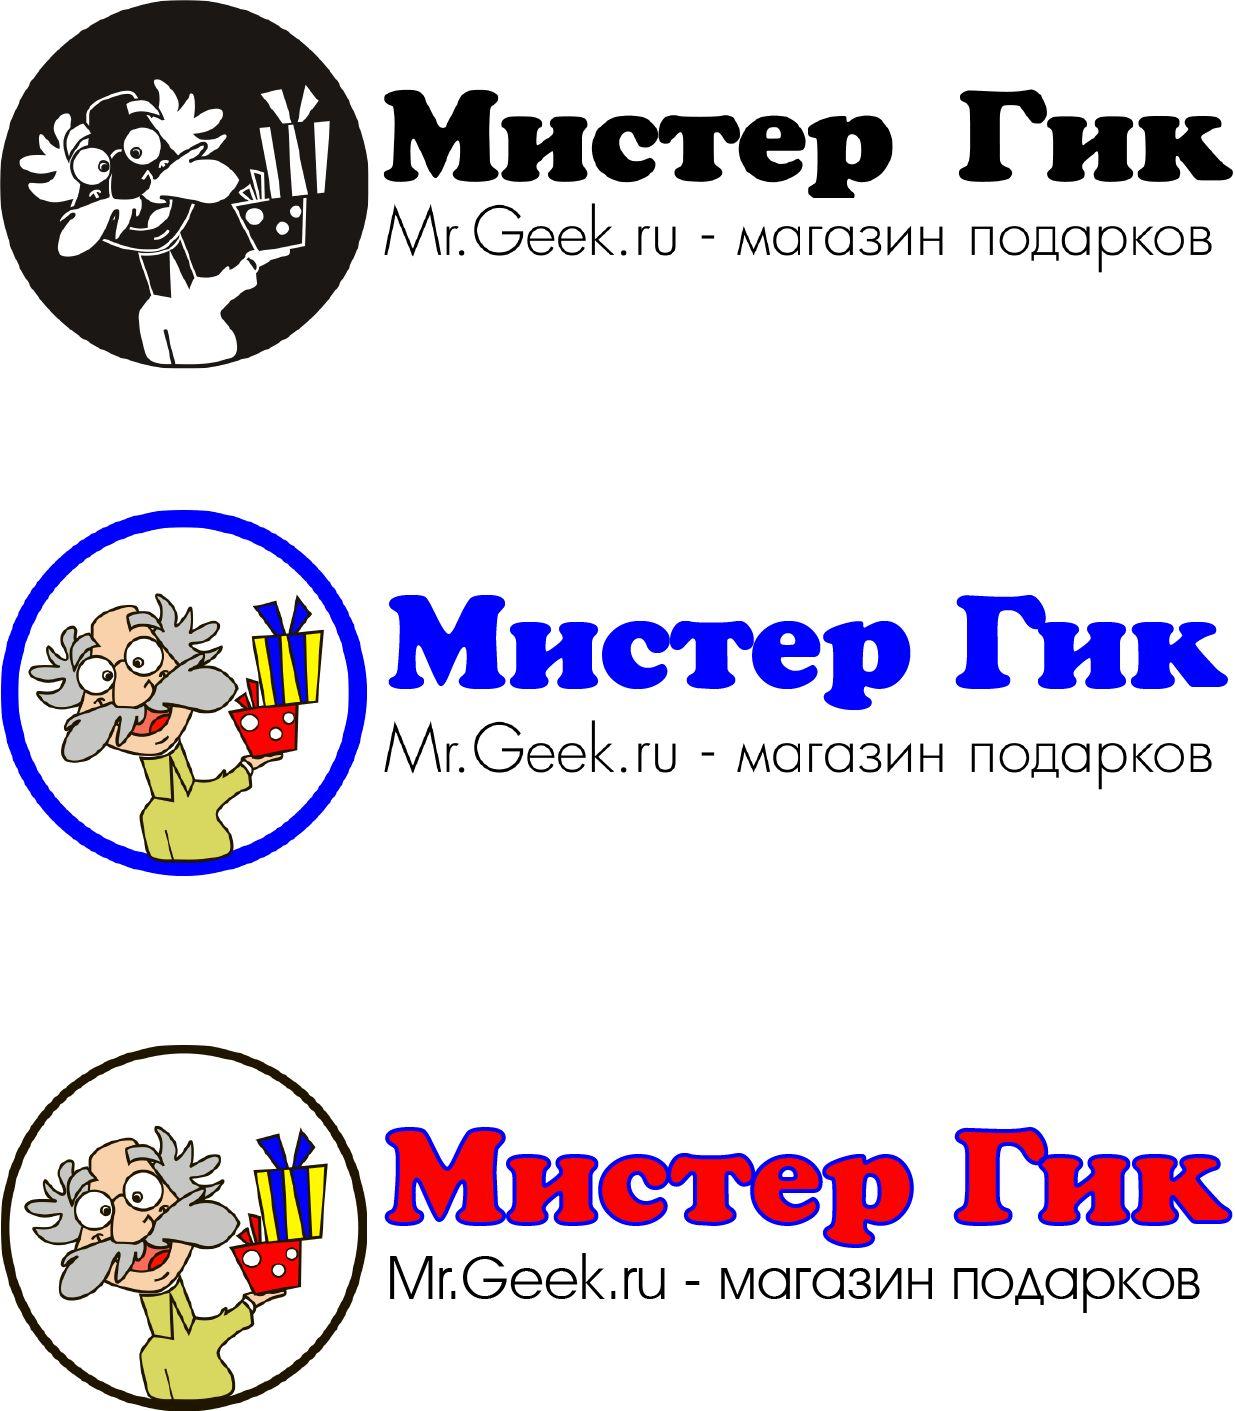 Логотип для магазина подарков - дизайнер MariaBalash